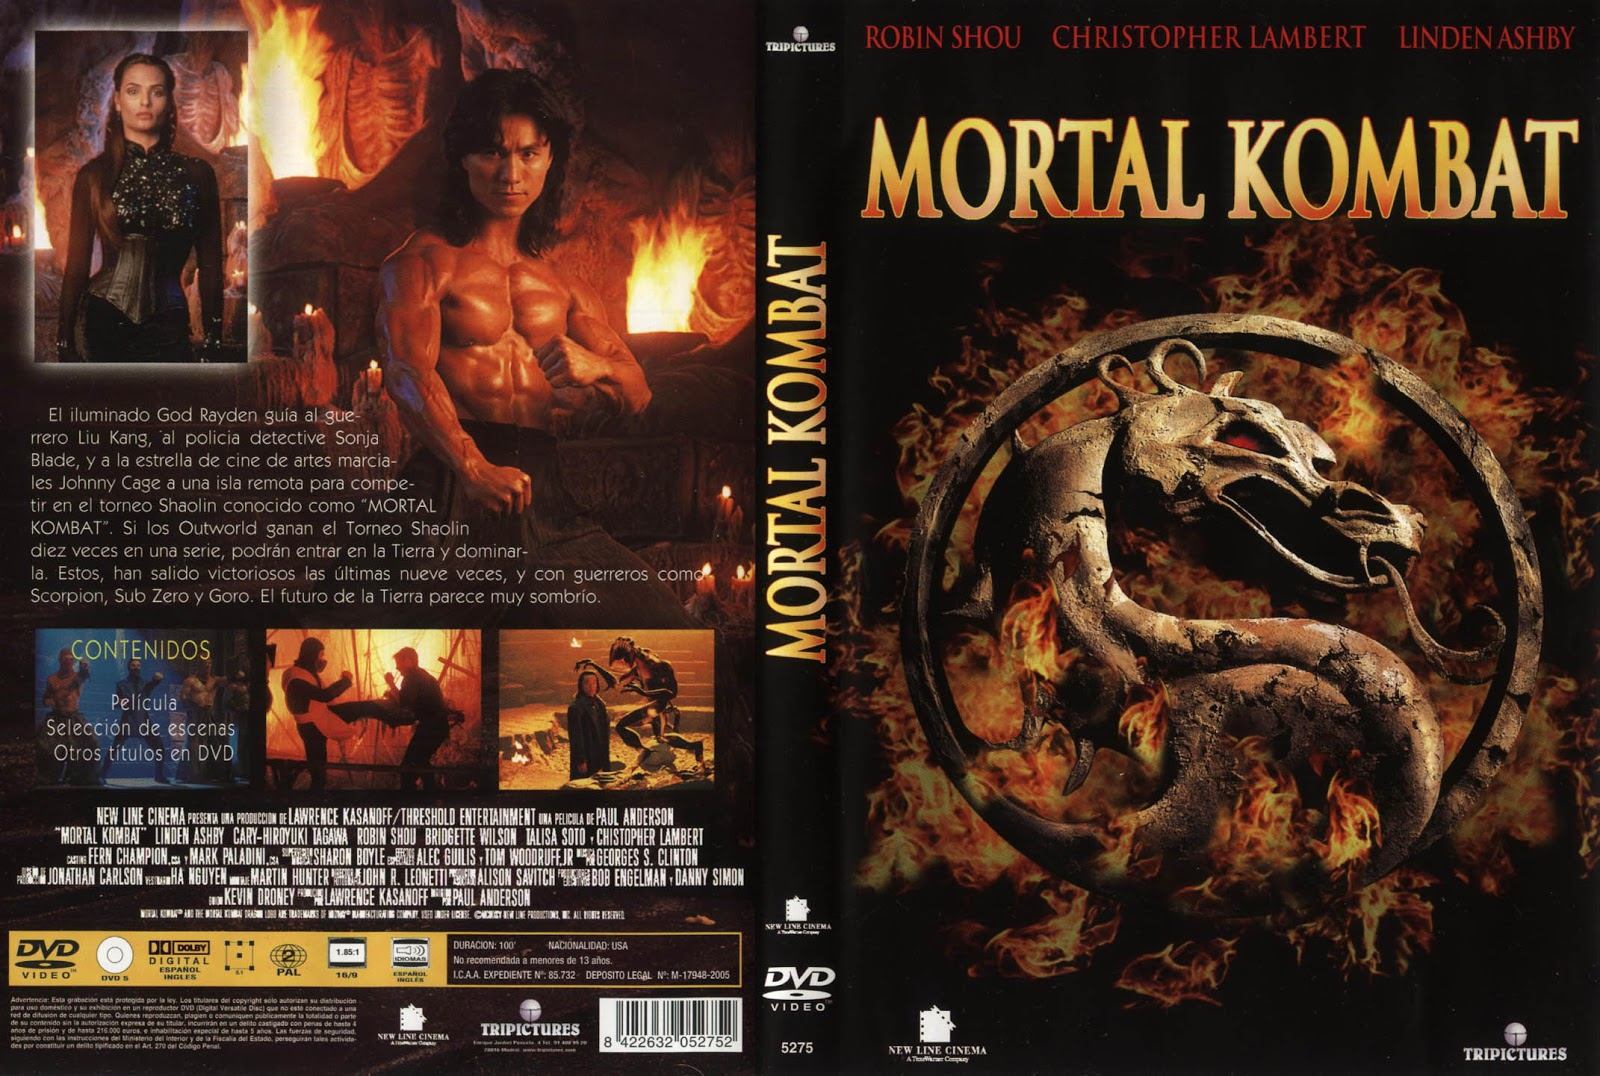 http://1.bp.blogspot.com/-uwjwjP9Imig/UHhzCy2KI0I/AAAAAAAAAUI/iNdr2B391eY/s1600/Mortal_Kombat-Caratula.jpg